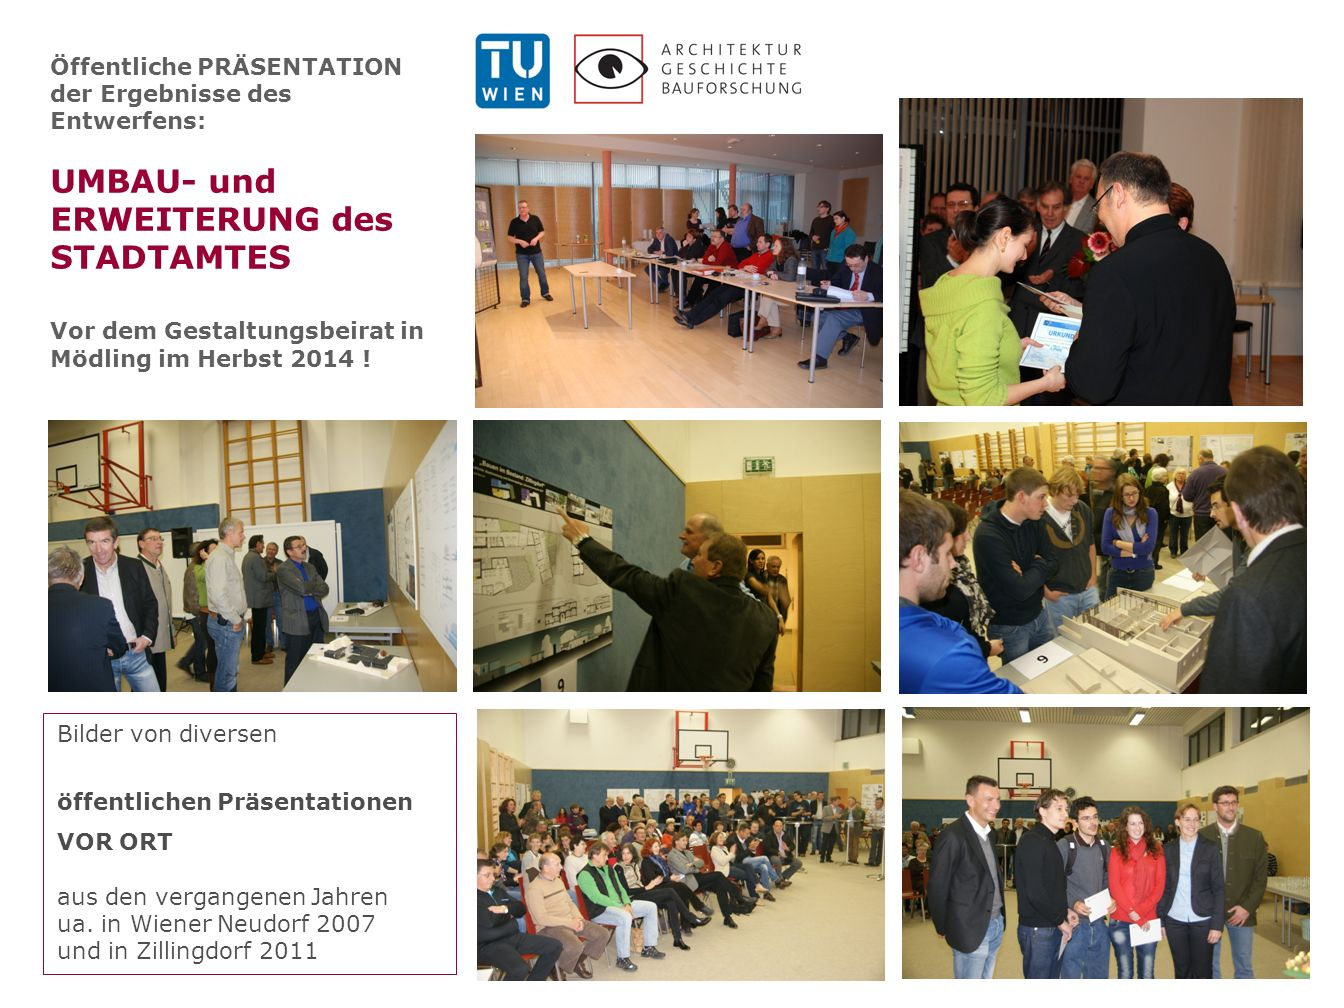 Öffentliche PRÄSENTATION der Ergebnisse des Entwerfens: UMBAU- und ERWEITERUNG des STADTAMTES Vor dem Gestaltungsbeirat in Mödling im Herbst 2014 .